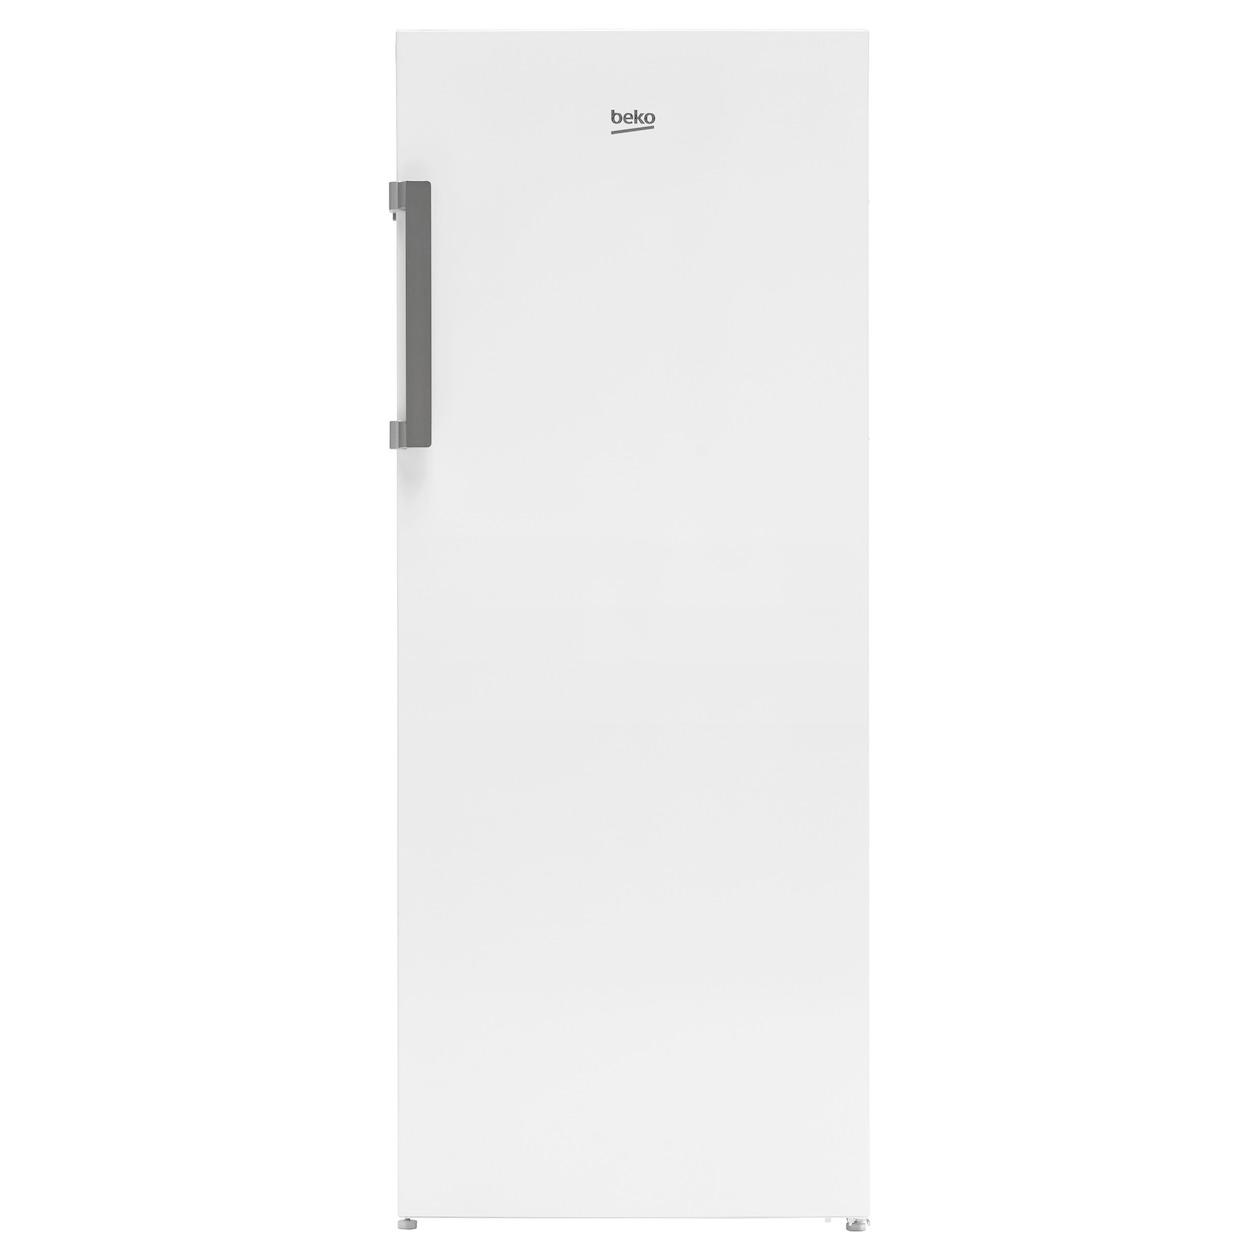 Beko koelkast zonder vriesvak RSSA290M33W - Prijsvergelijk